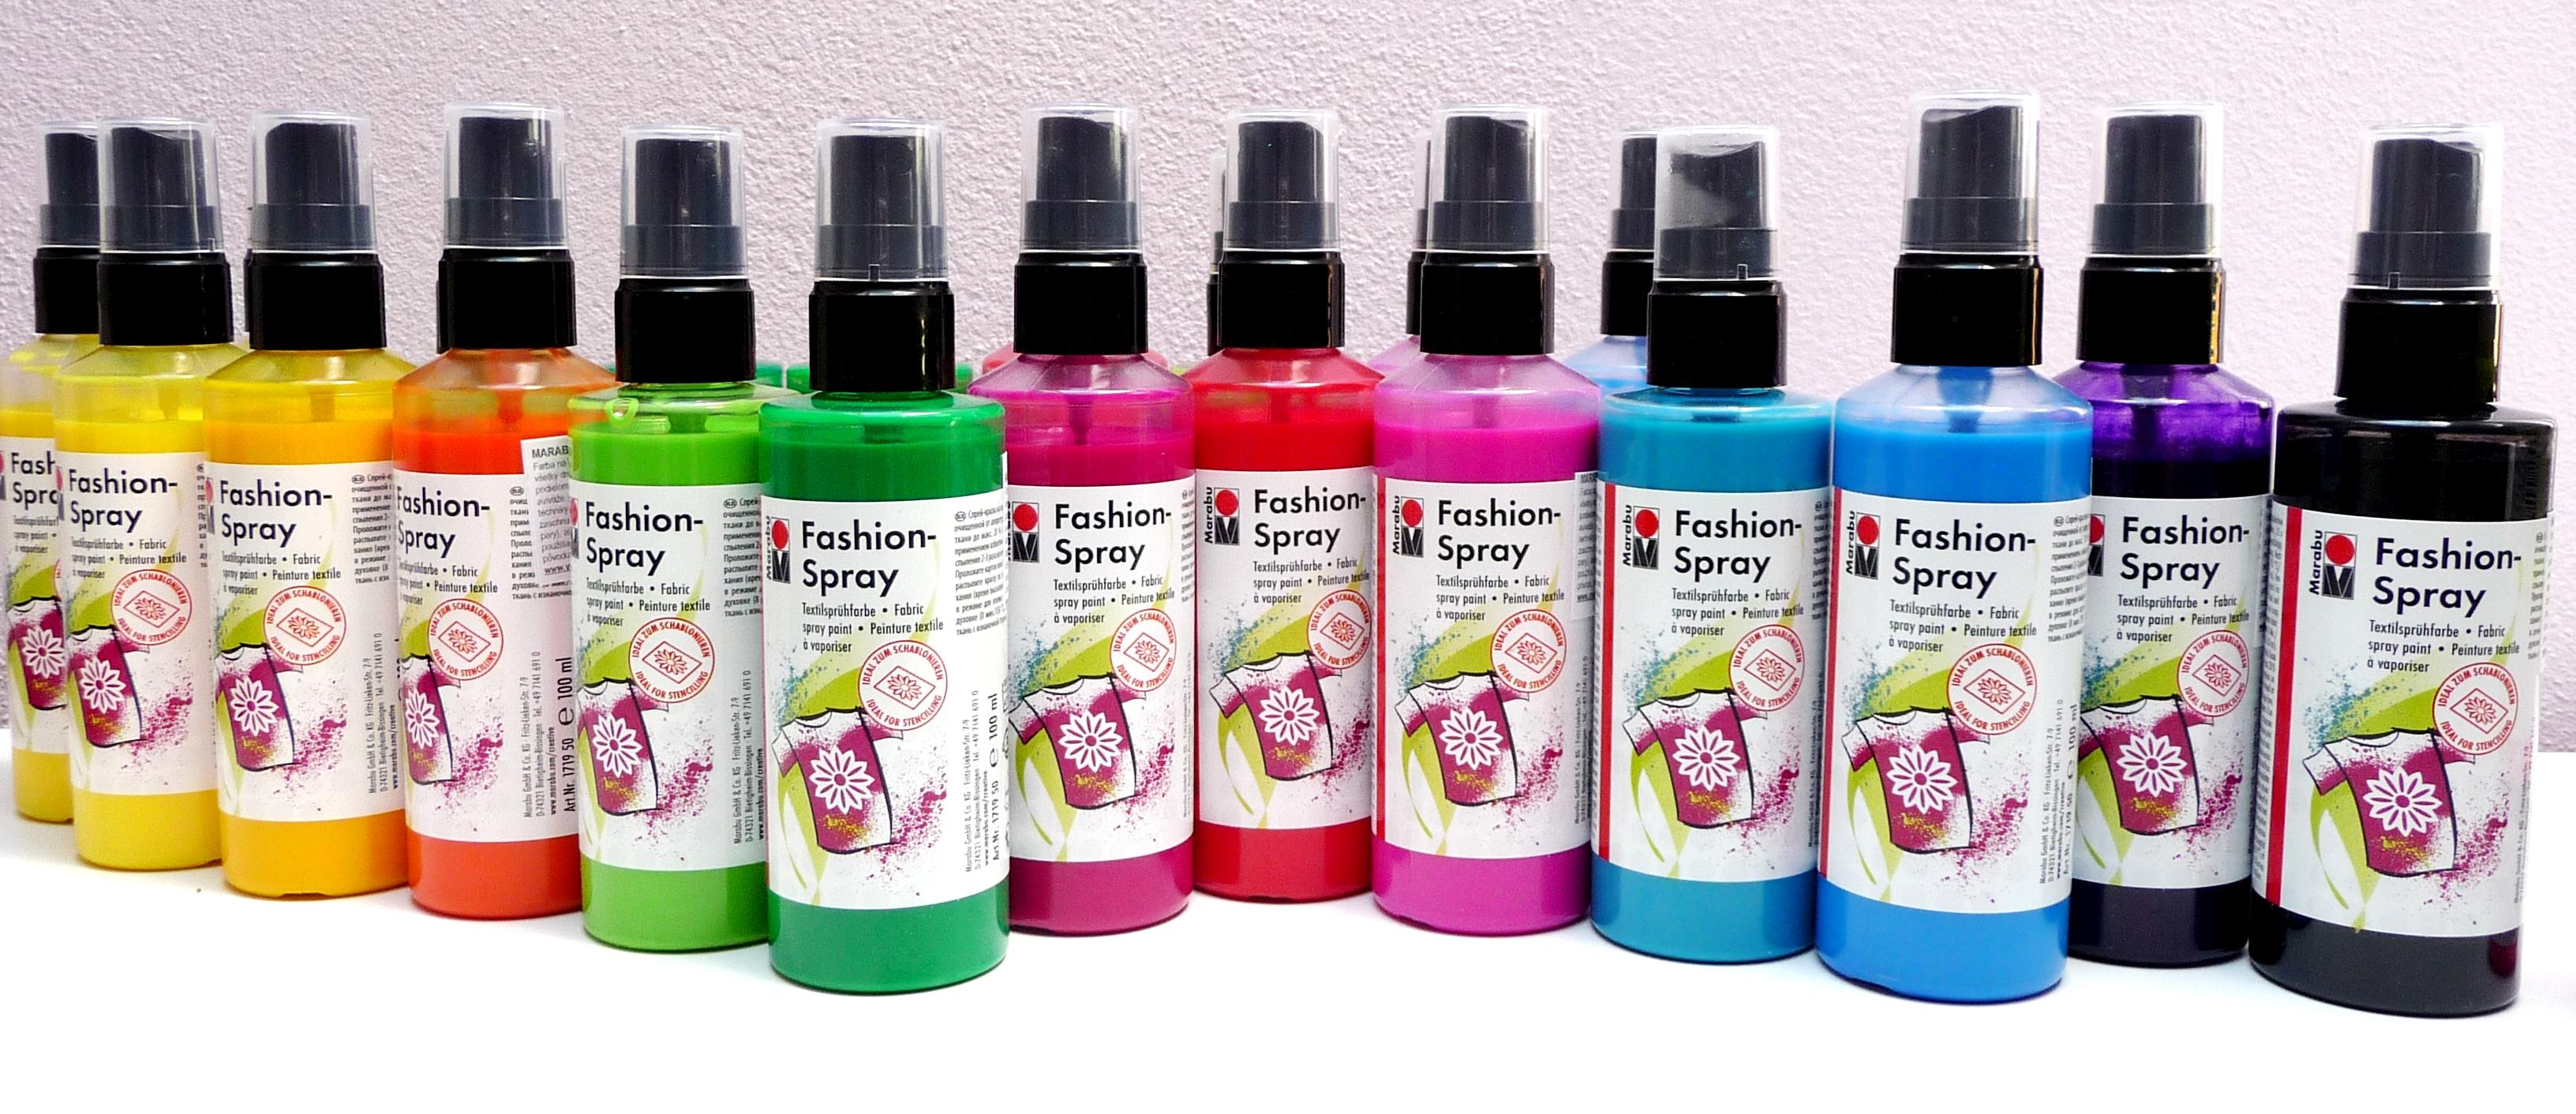 5a89624d4 FARBY NA TEXTIL | Marabu fashion SPRAY | farby na textil, farby na ...